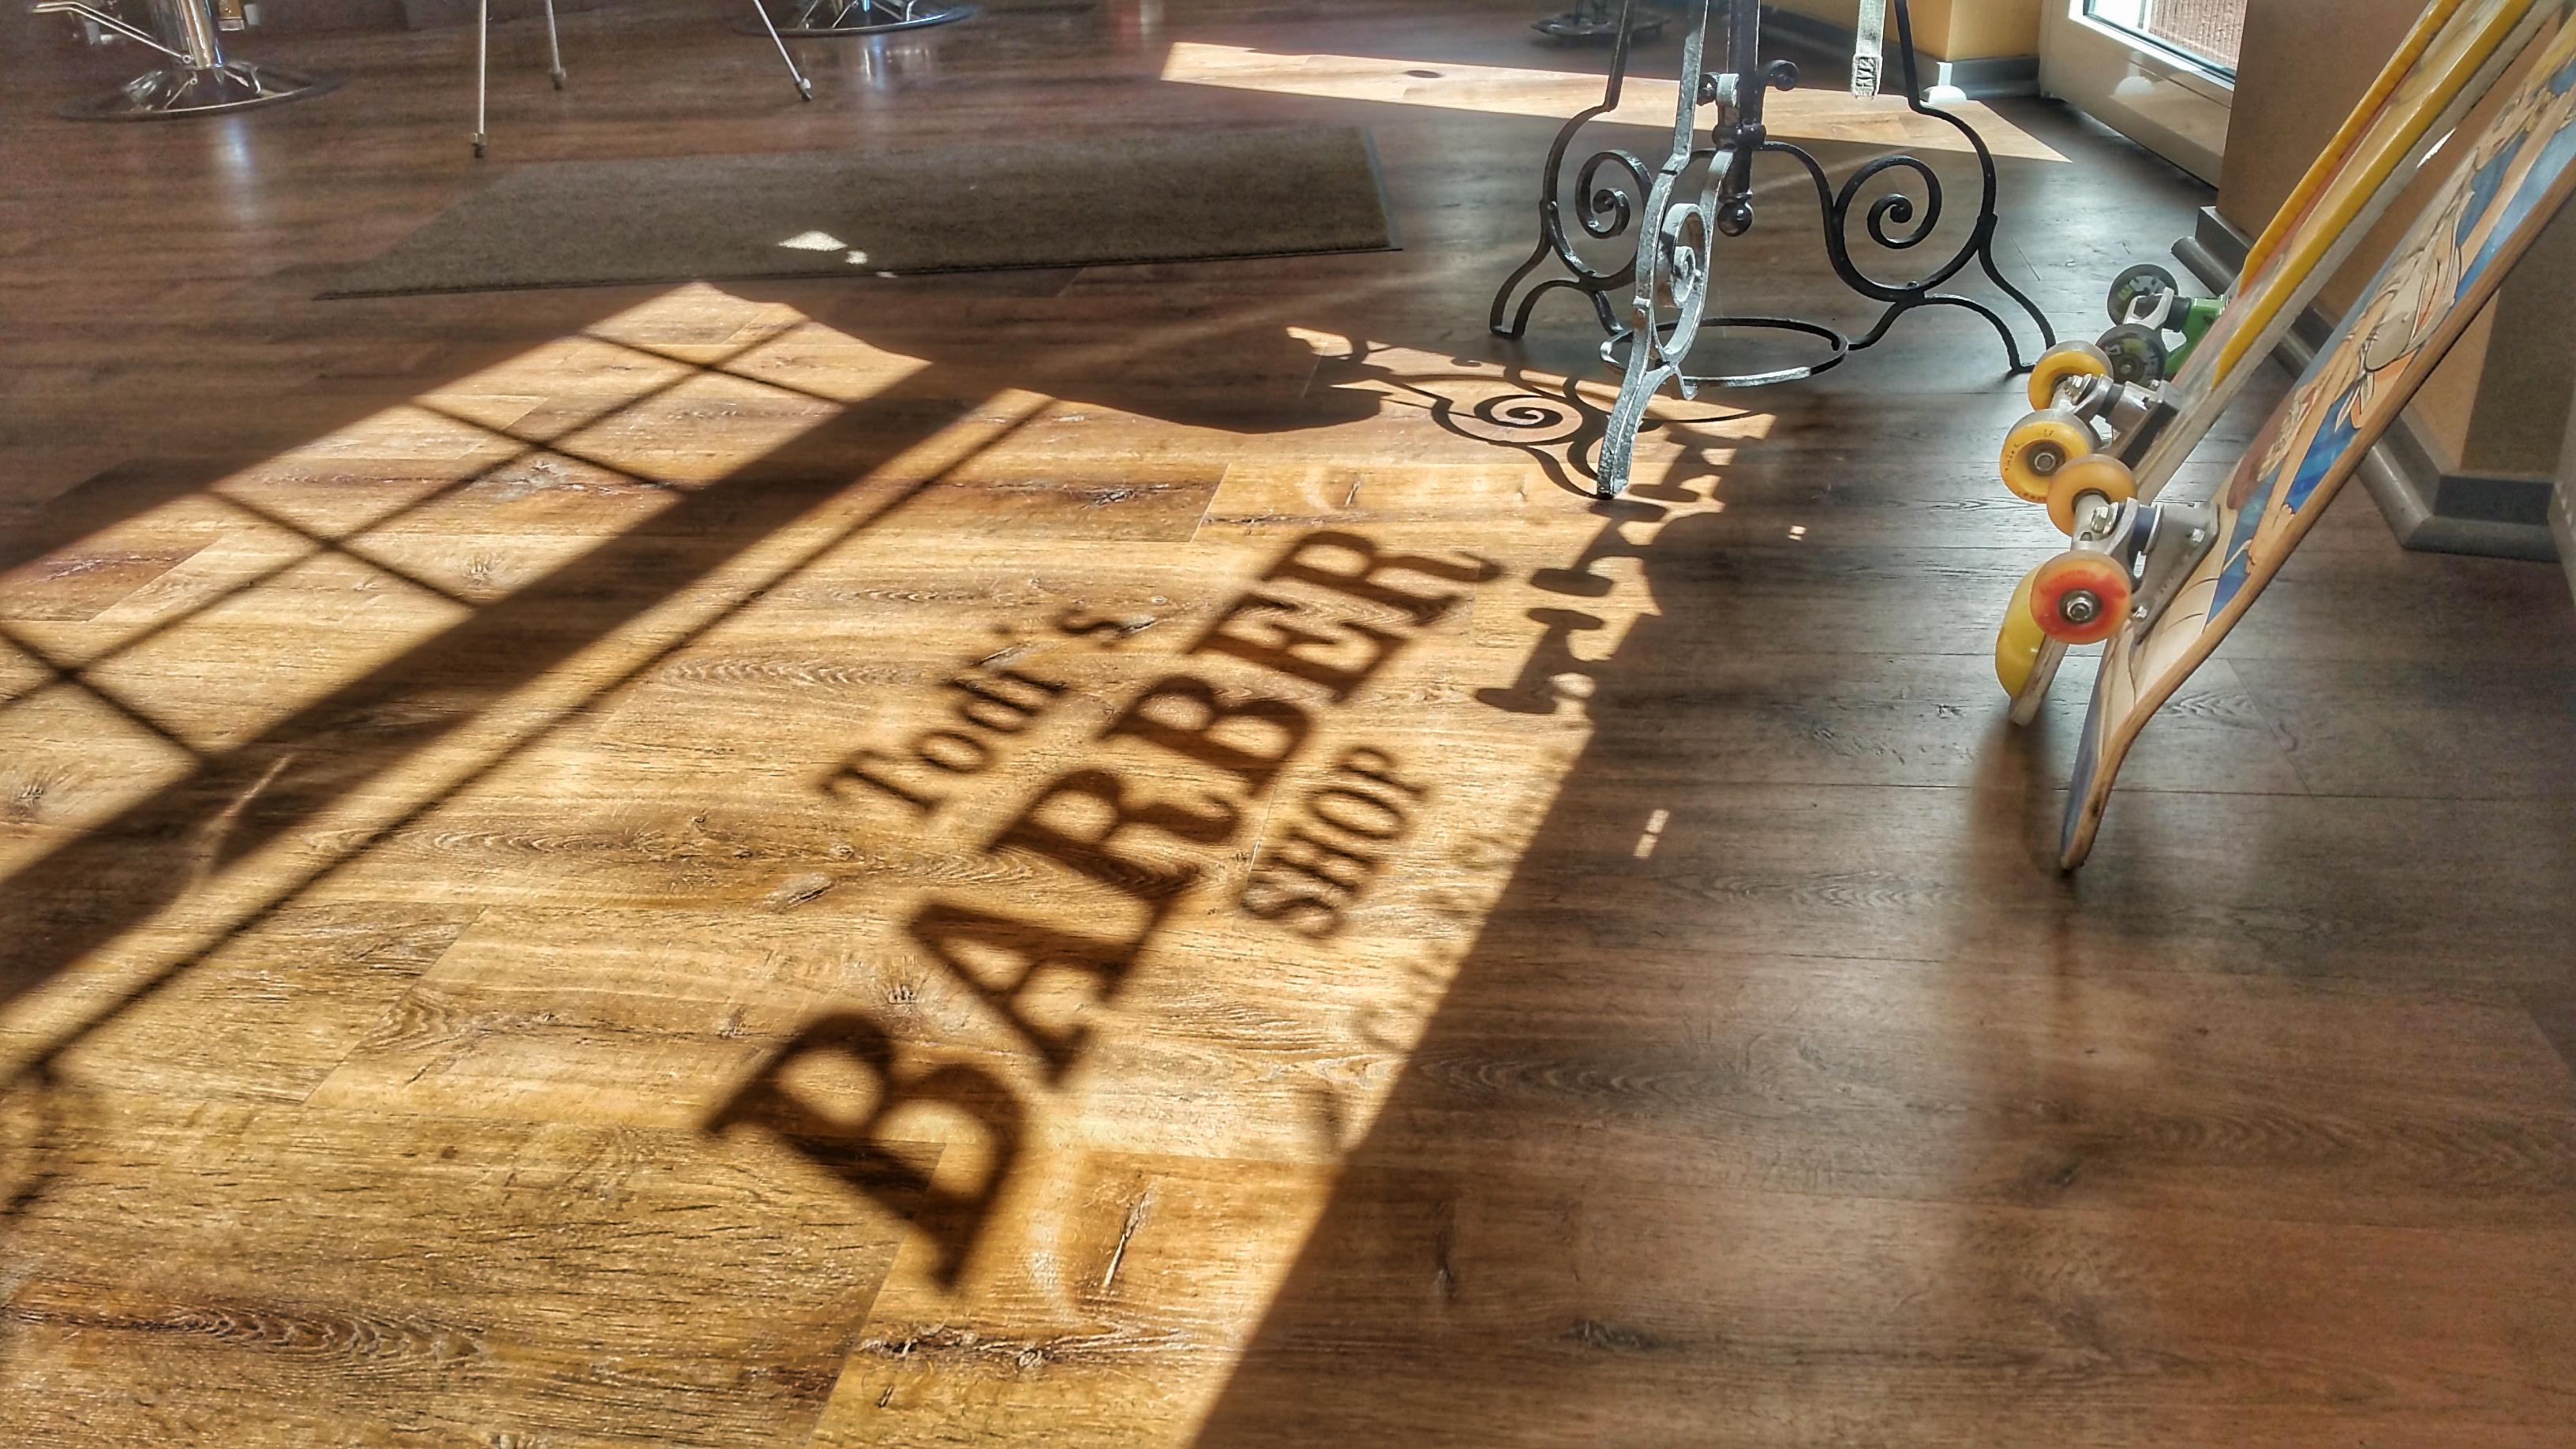 Todi's Barbershop